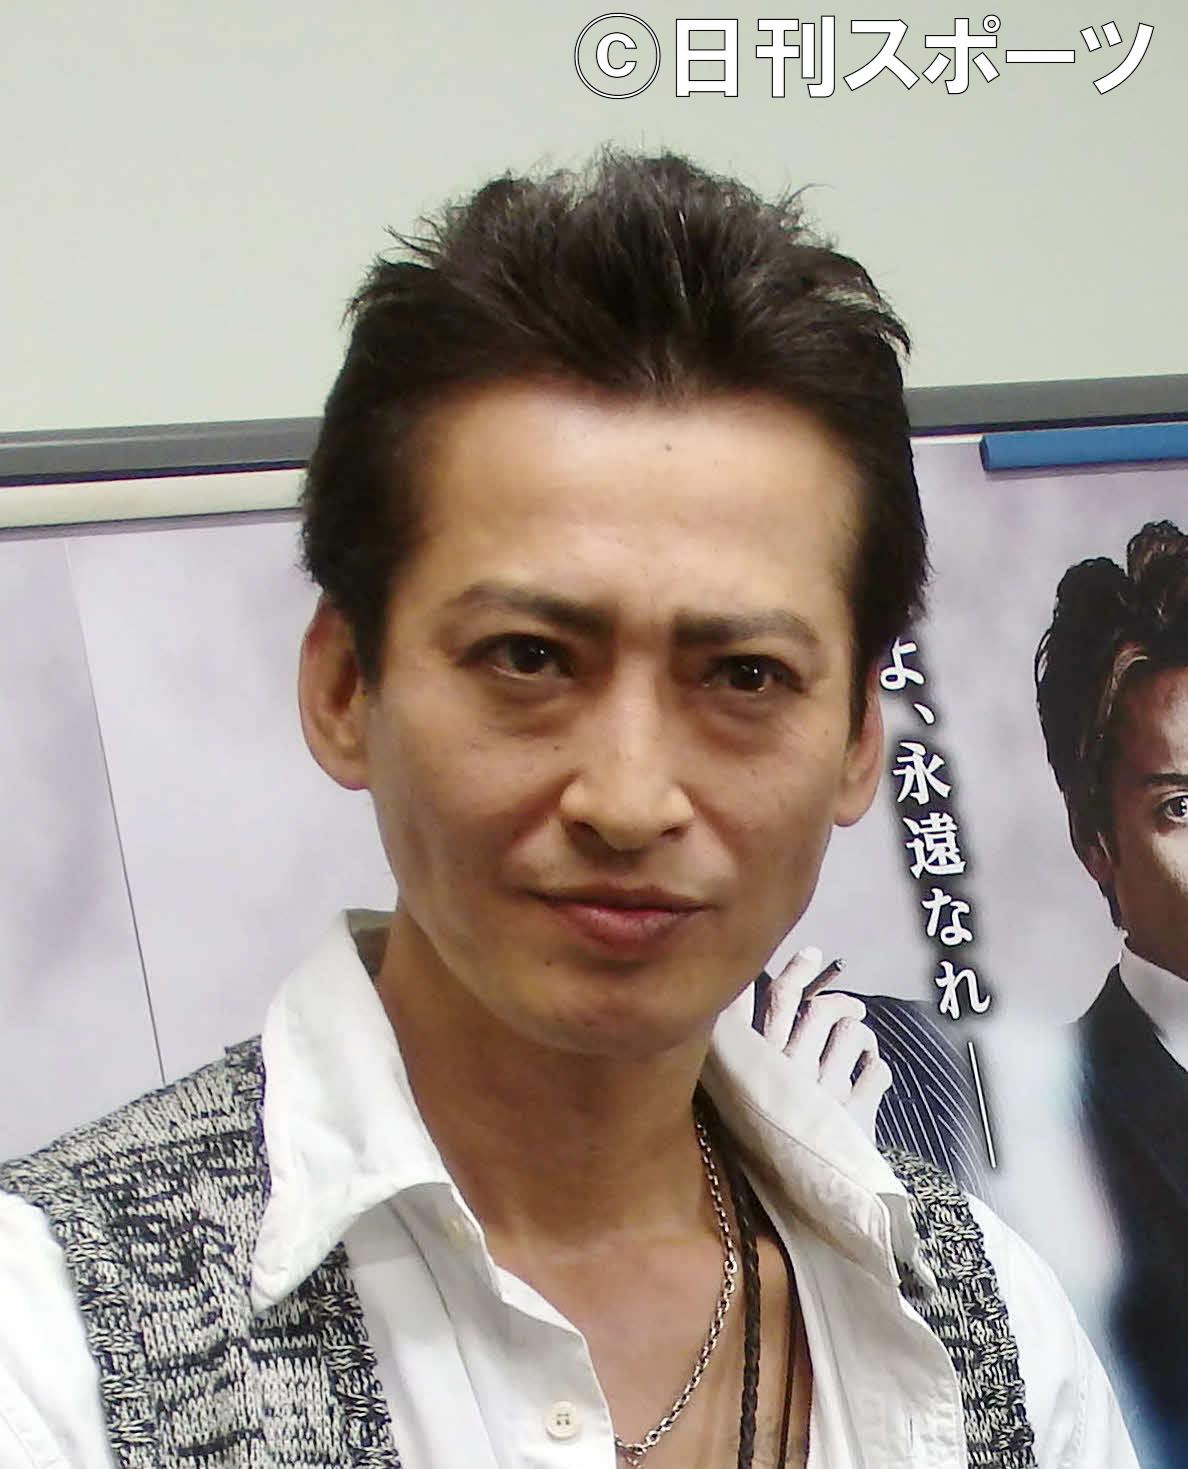 大沢樹生(2014年5月25日)